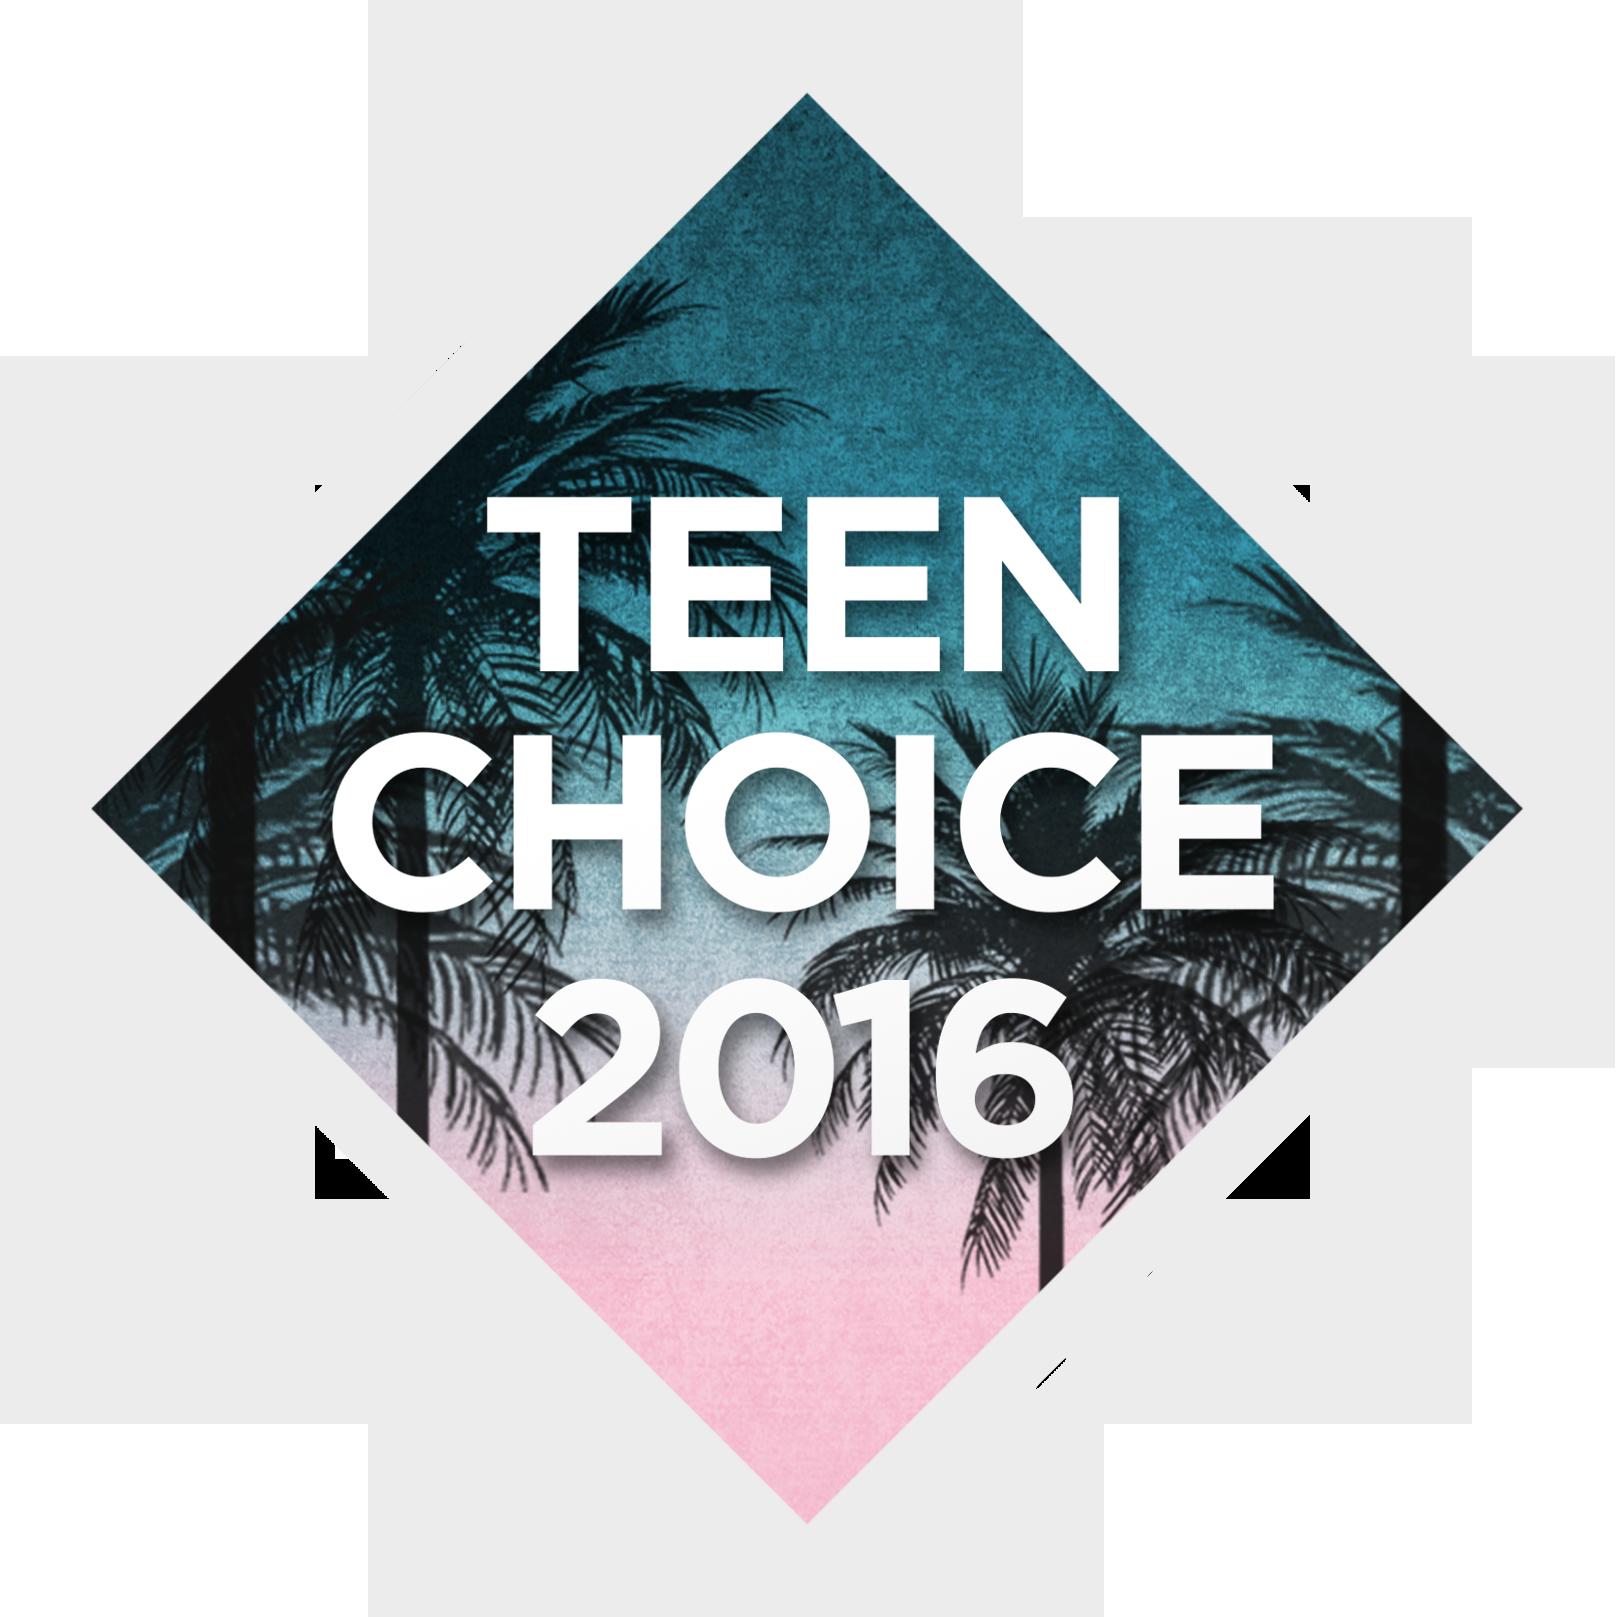 Conoce a los nominados a los Teen Choice Awards 2016 y escoge tus favoritos